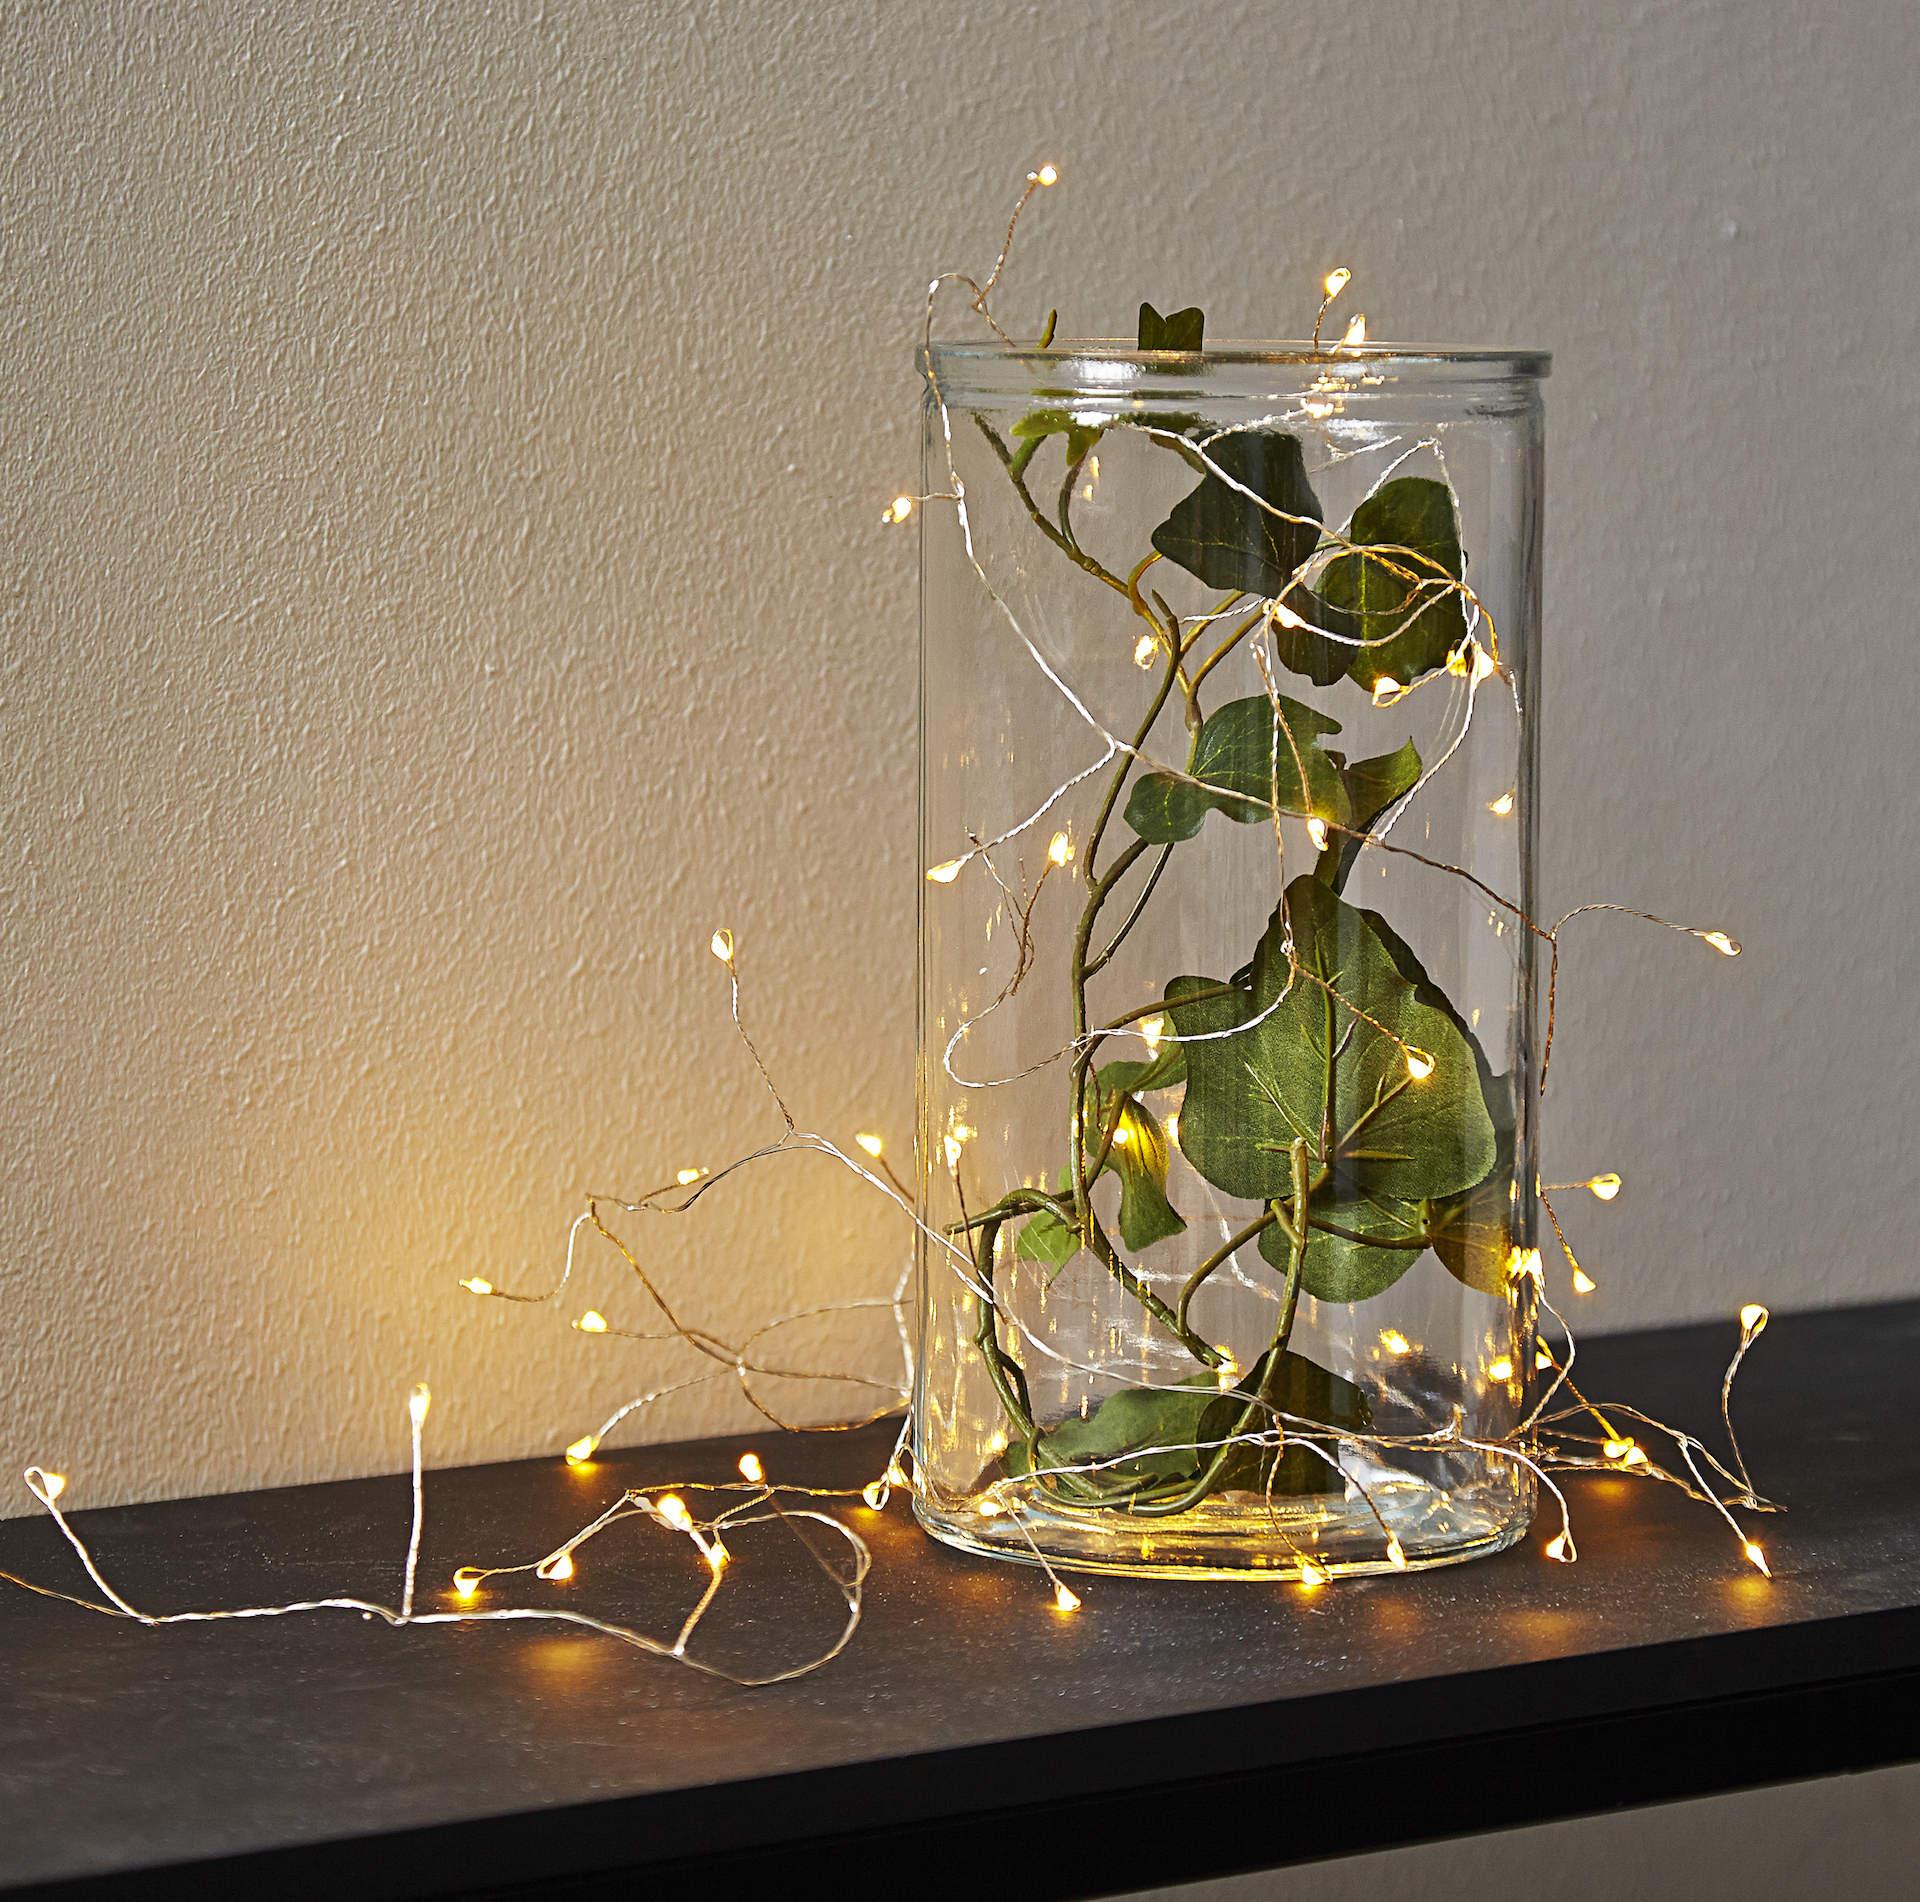 STAR TRADING LED světelný řetěz Light String, žlutá barva, kov, plast